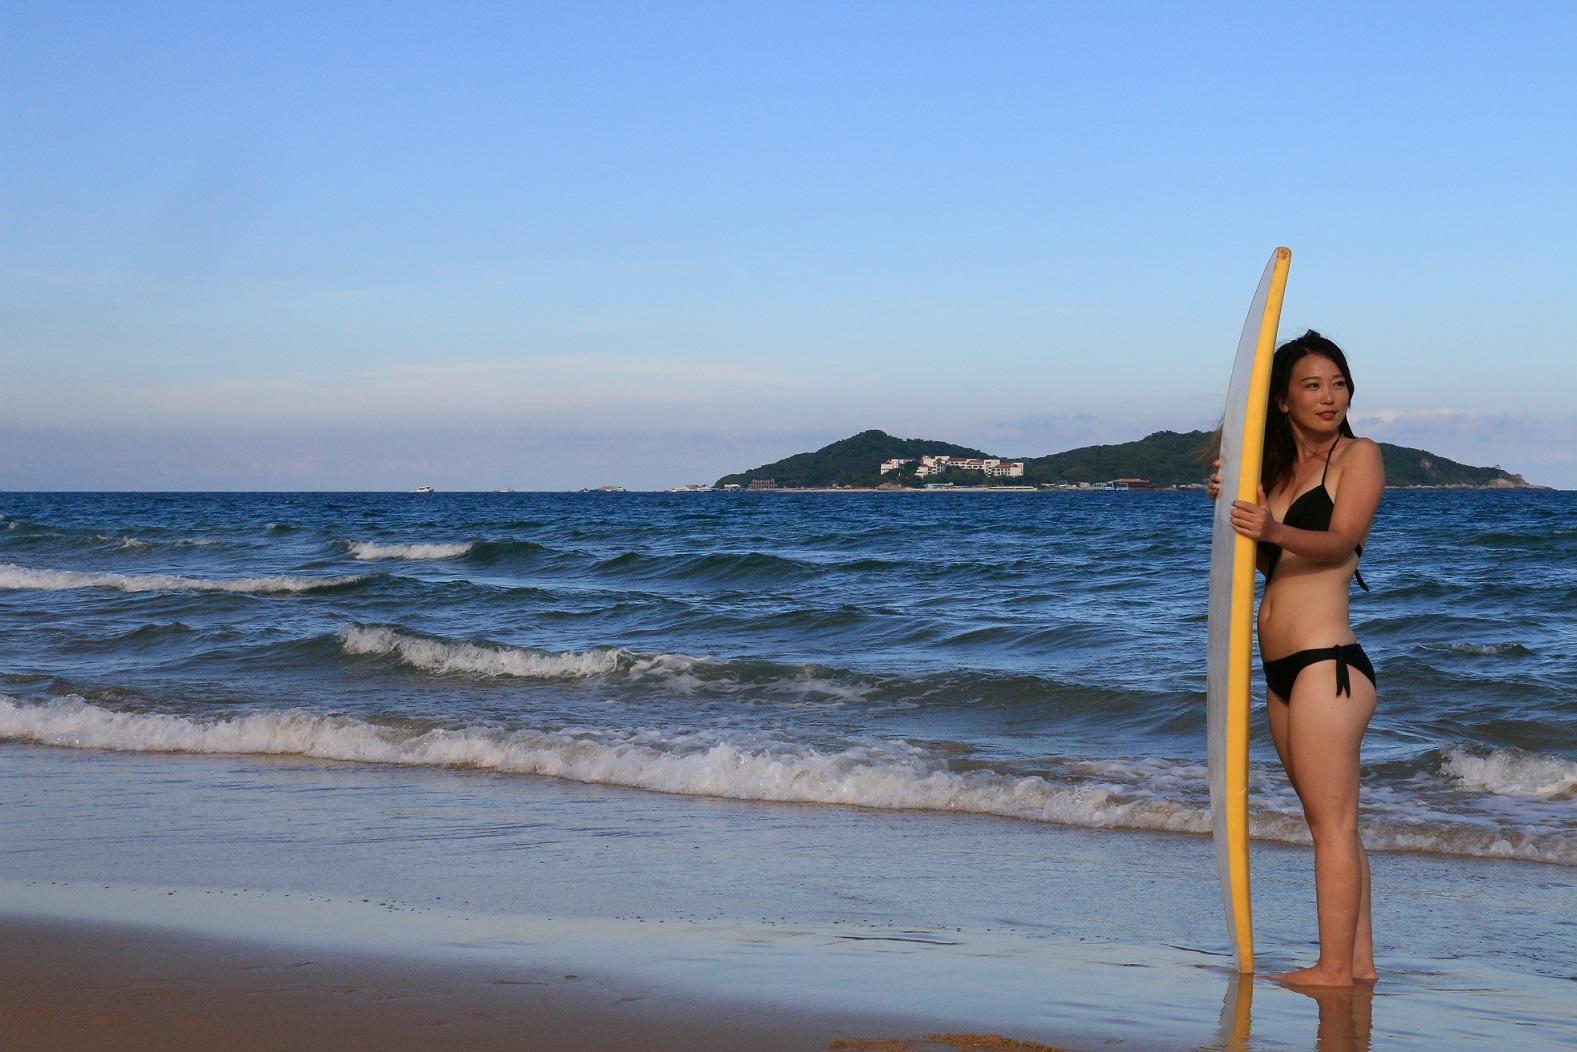 Beaches in Sanya Hainan